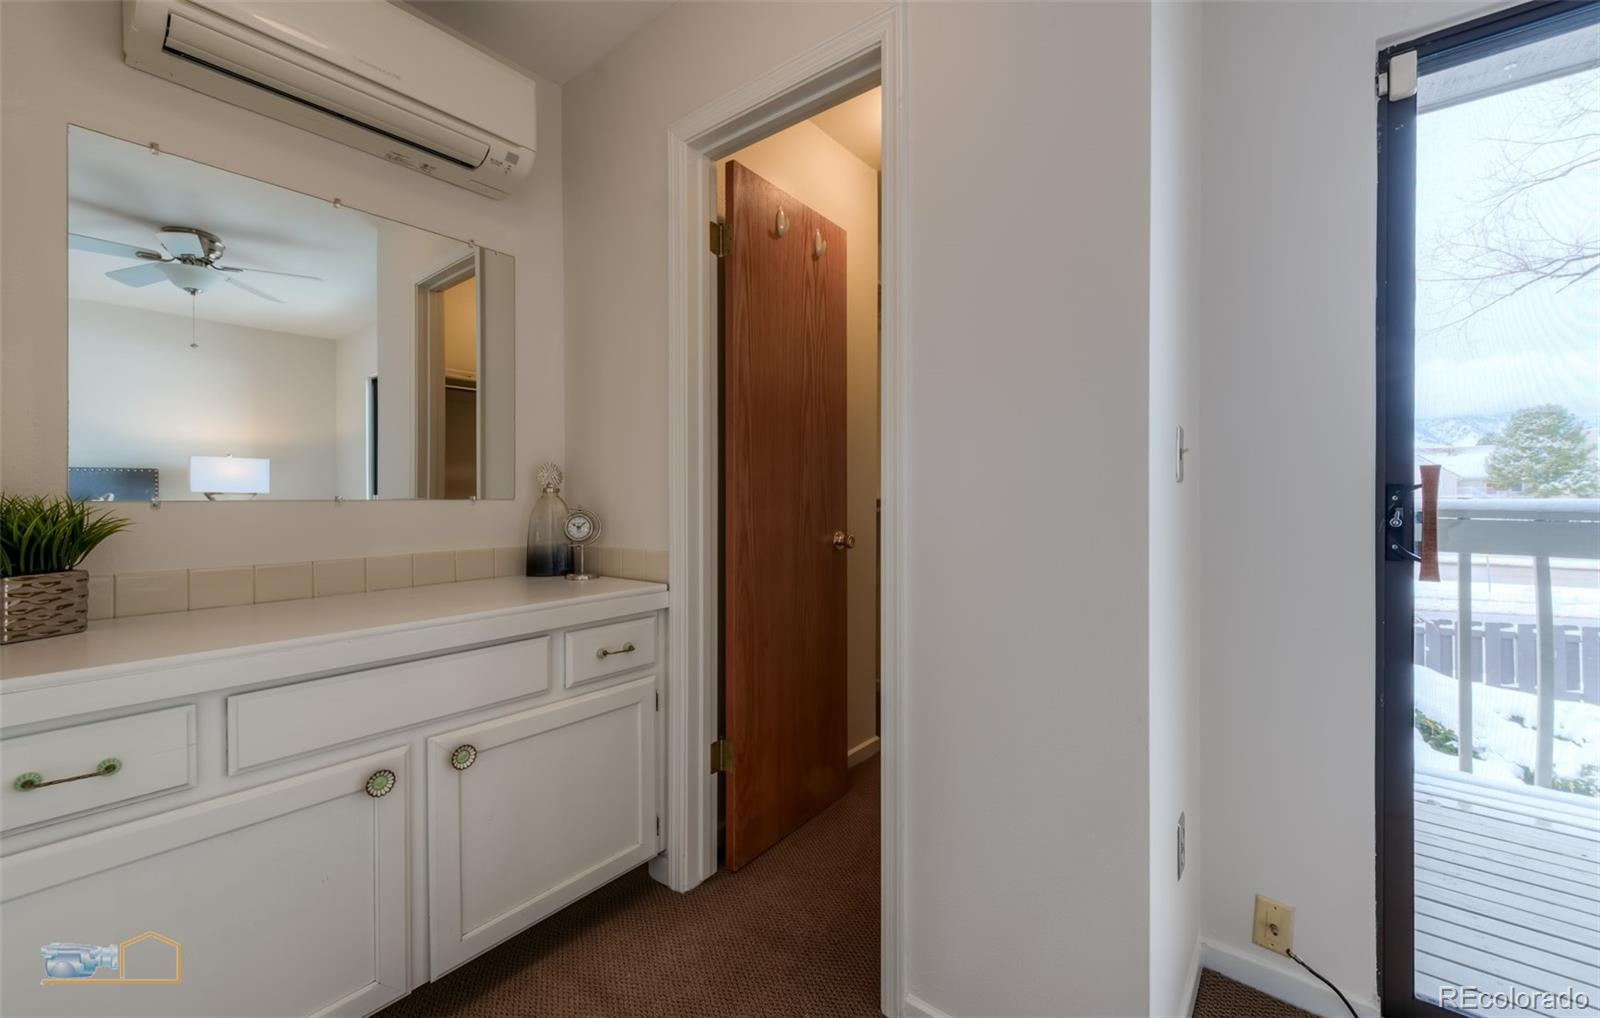 MLS# 5289239 - 19 - 4716 Edison Lane, Boulder, CO 80301